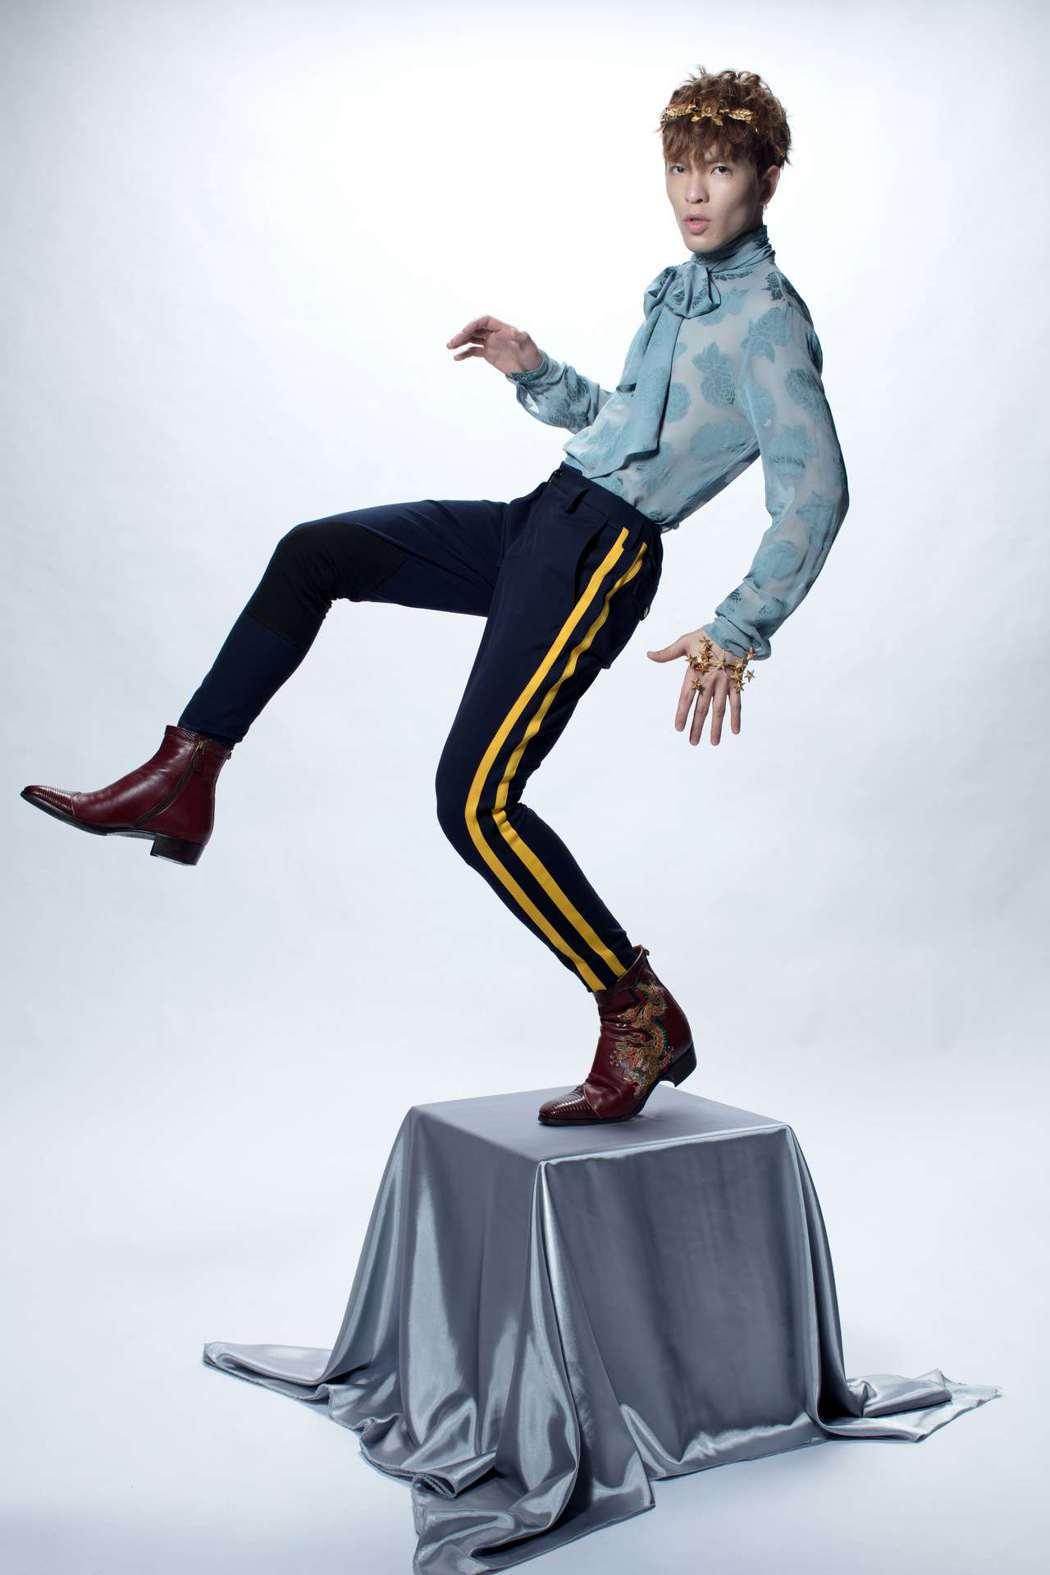 蕭敬騰新單曲「皮囊」造型大手筆。圖圖/華納音樂提供